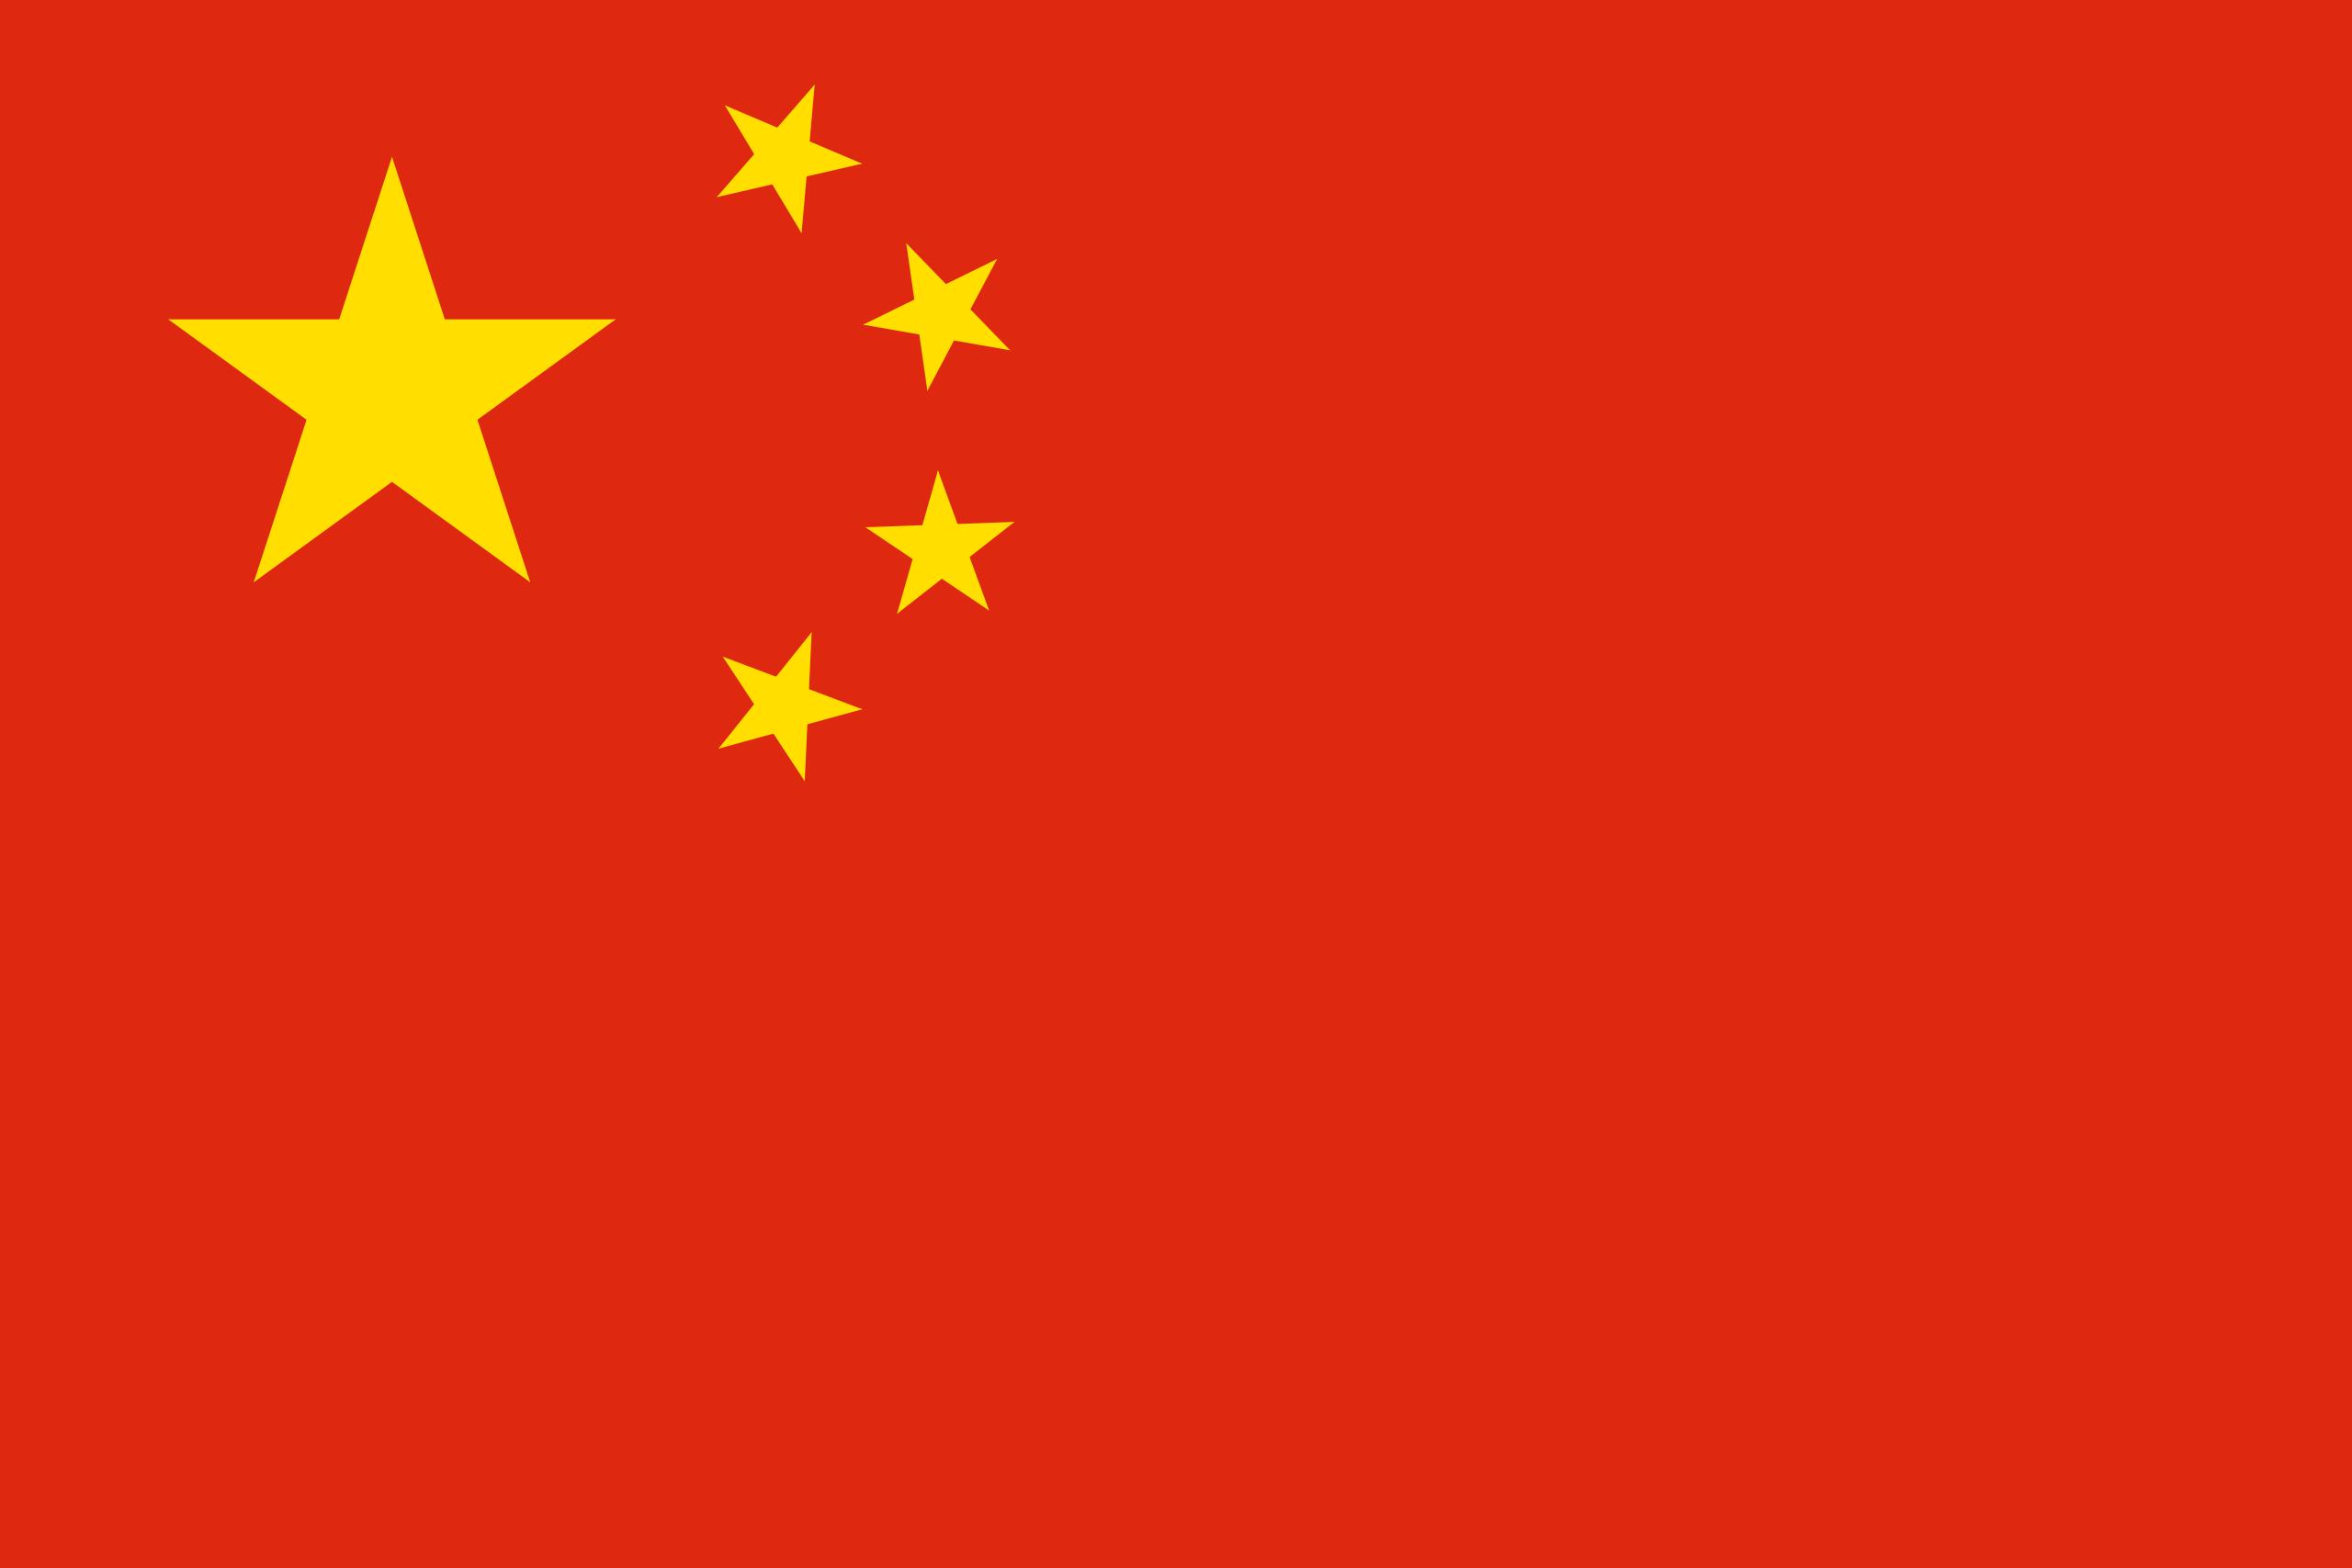 Китай, страна, Эмблема, логотип, символ - Обои HD - Профессор falken.com